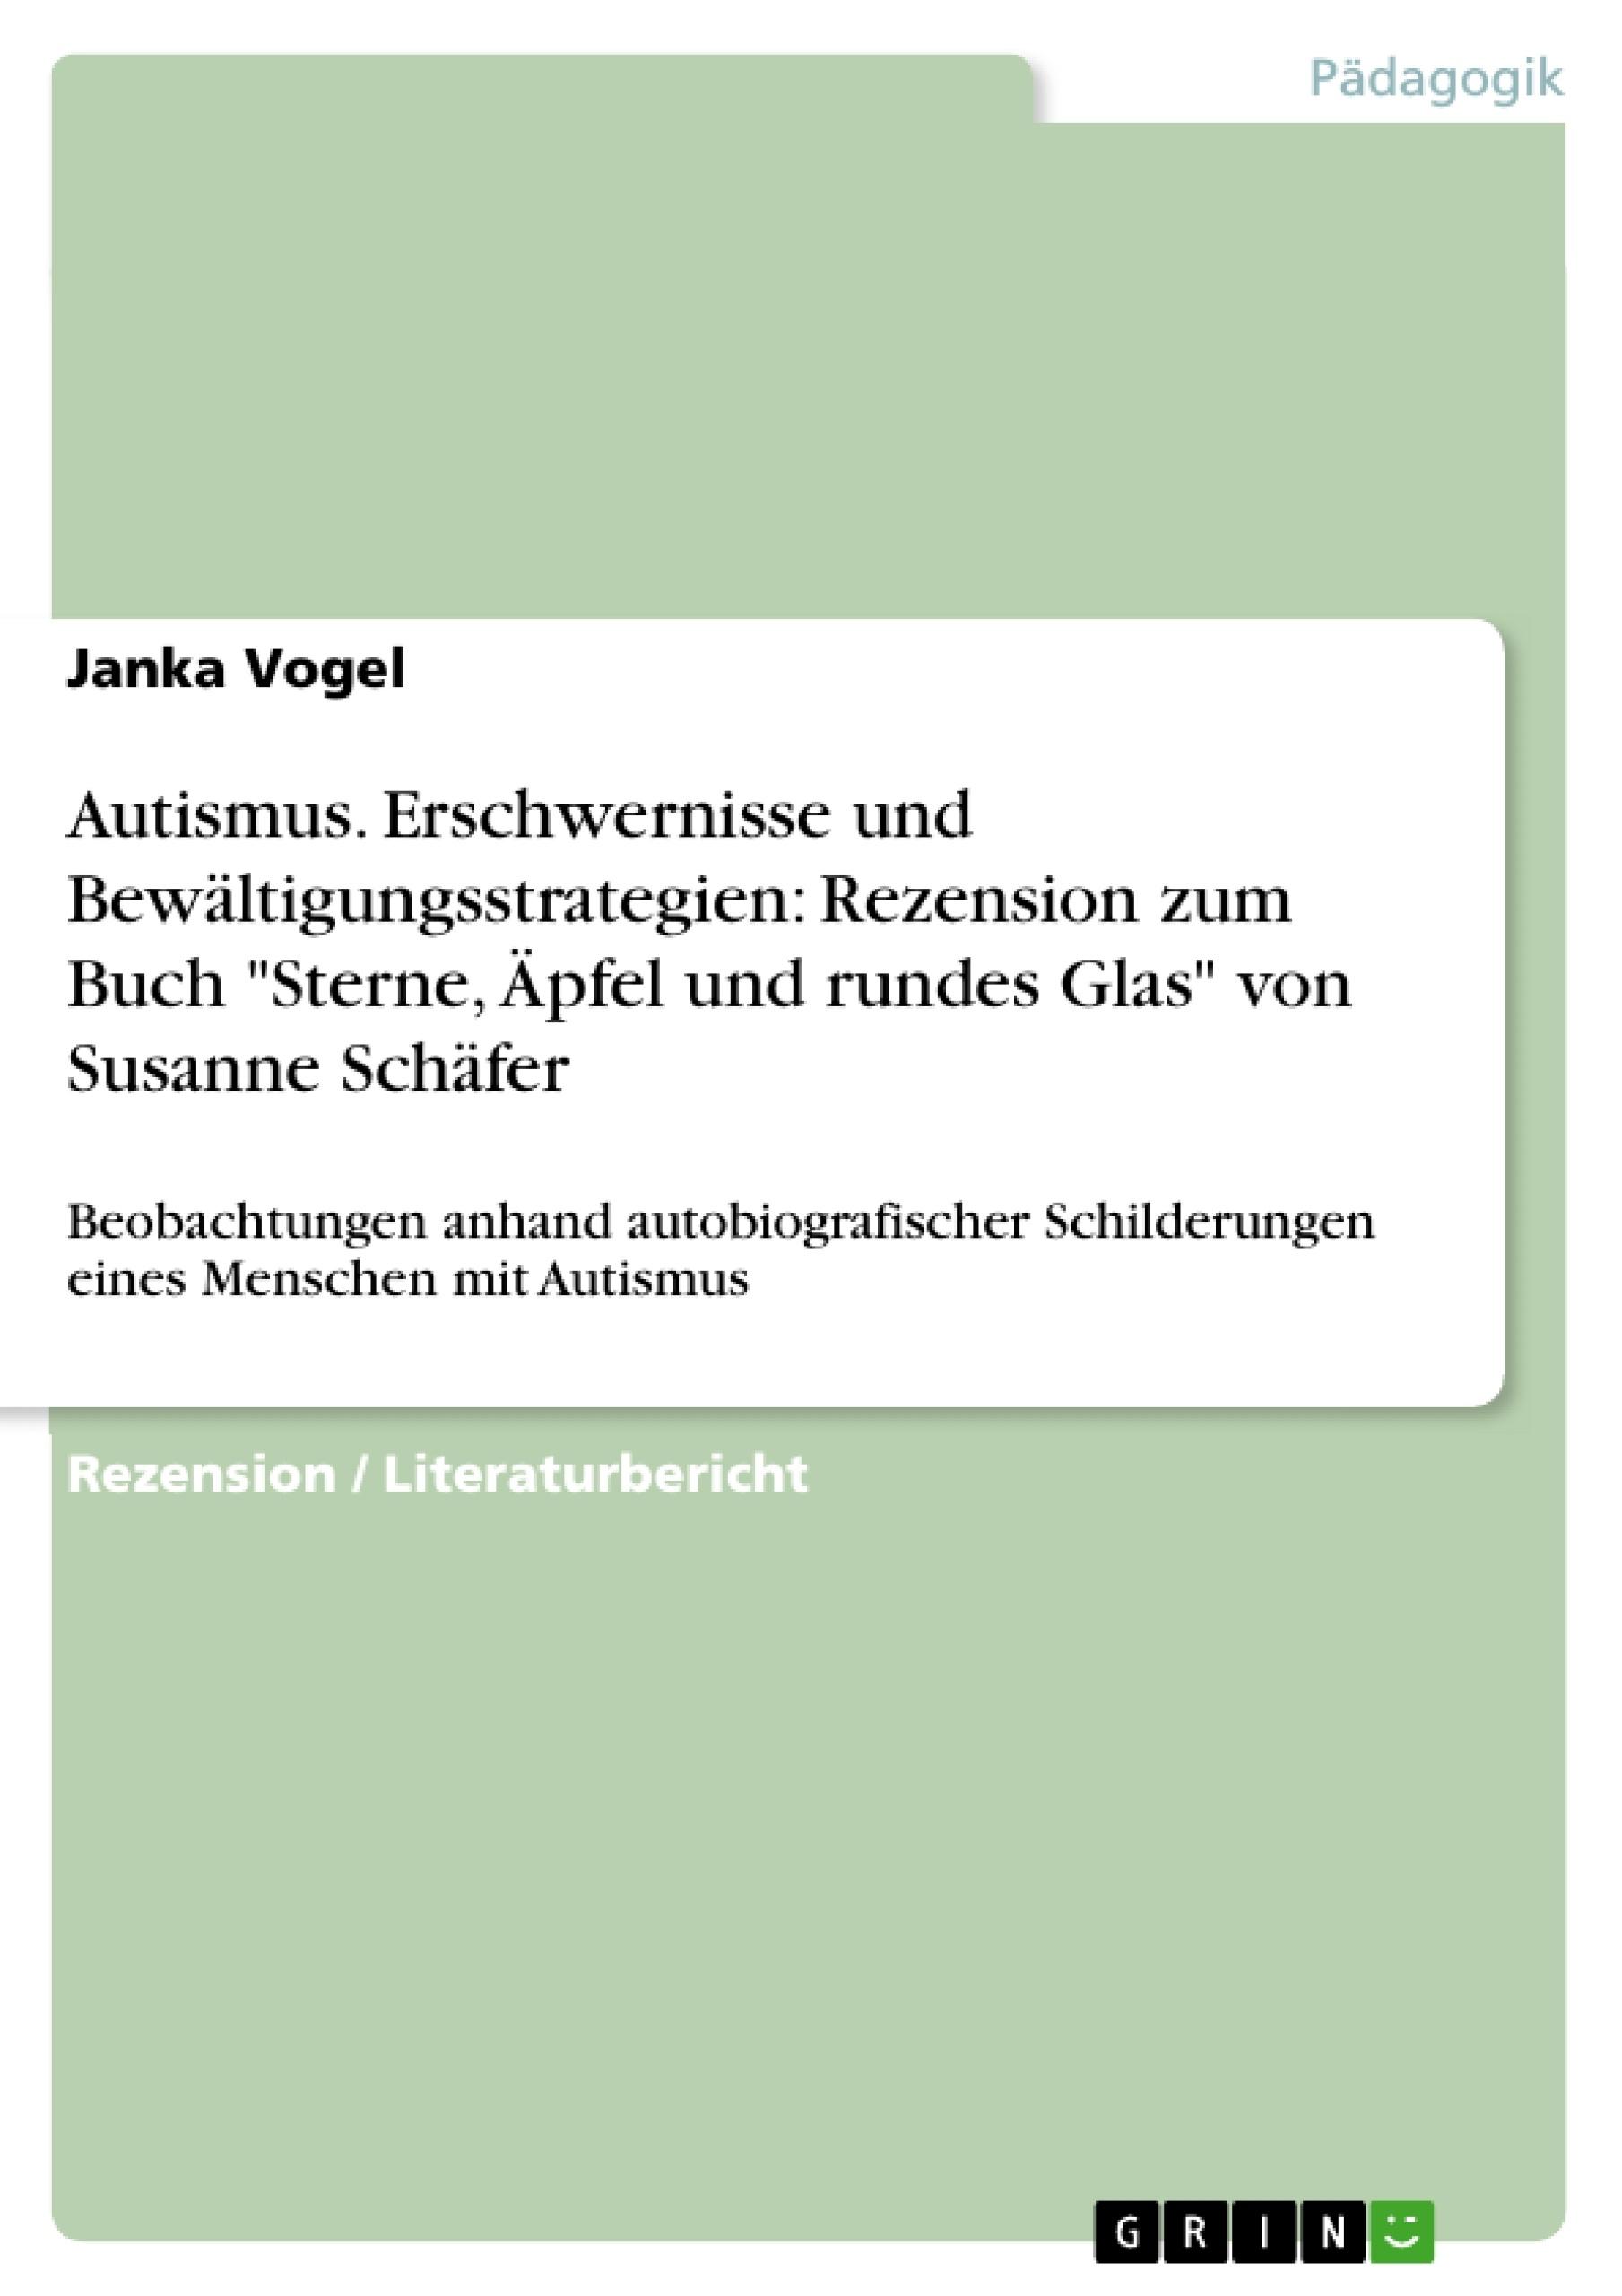 """Titel: Autismus. Erschwernisse und Bewältigungsstrategien: Rezension zum Buch """"Sterne, Äpfel und rundes Glas"""" von Susanne Schäfer"""